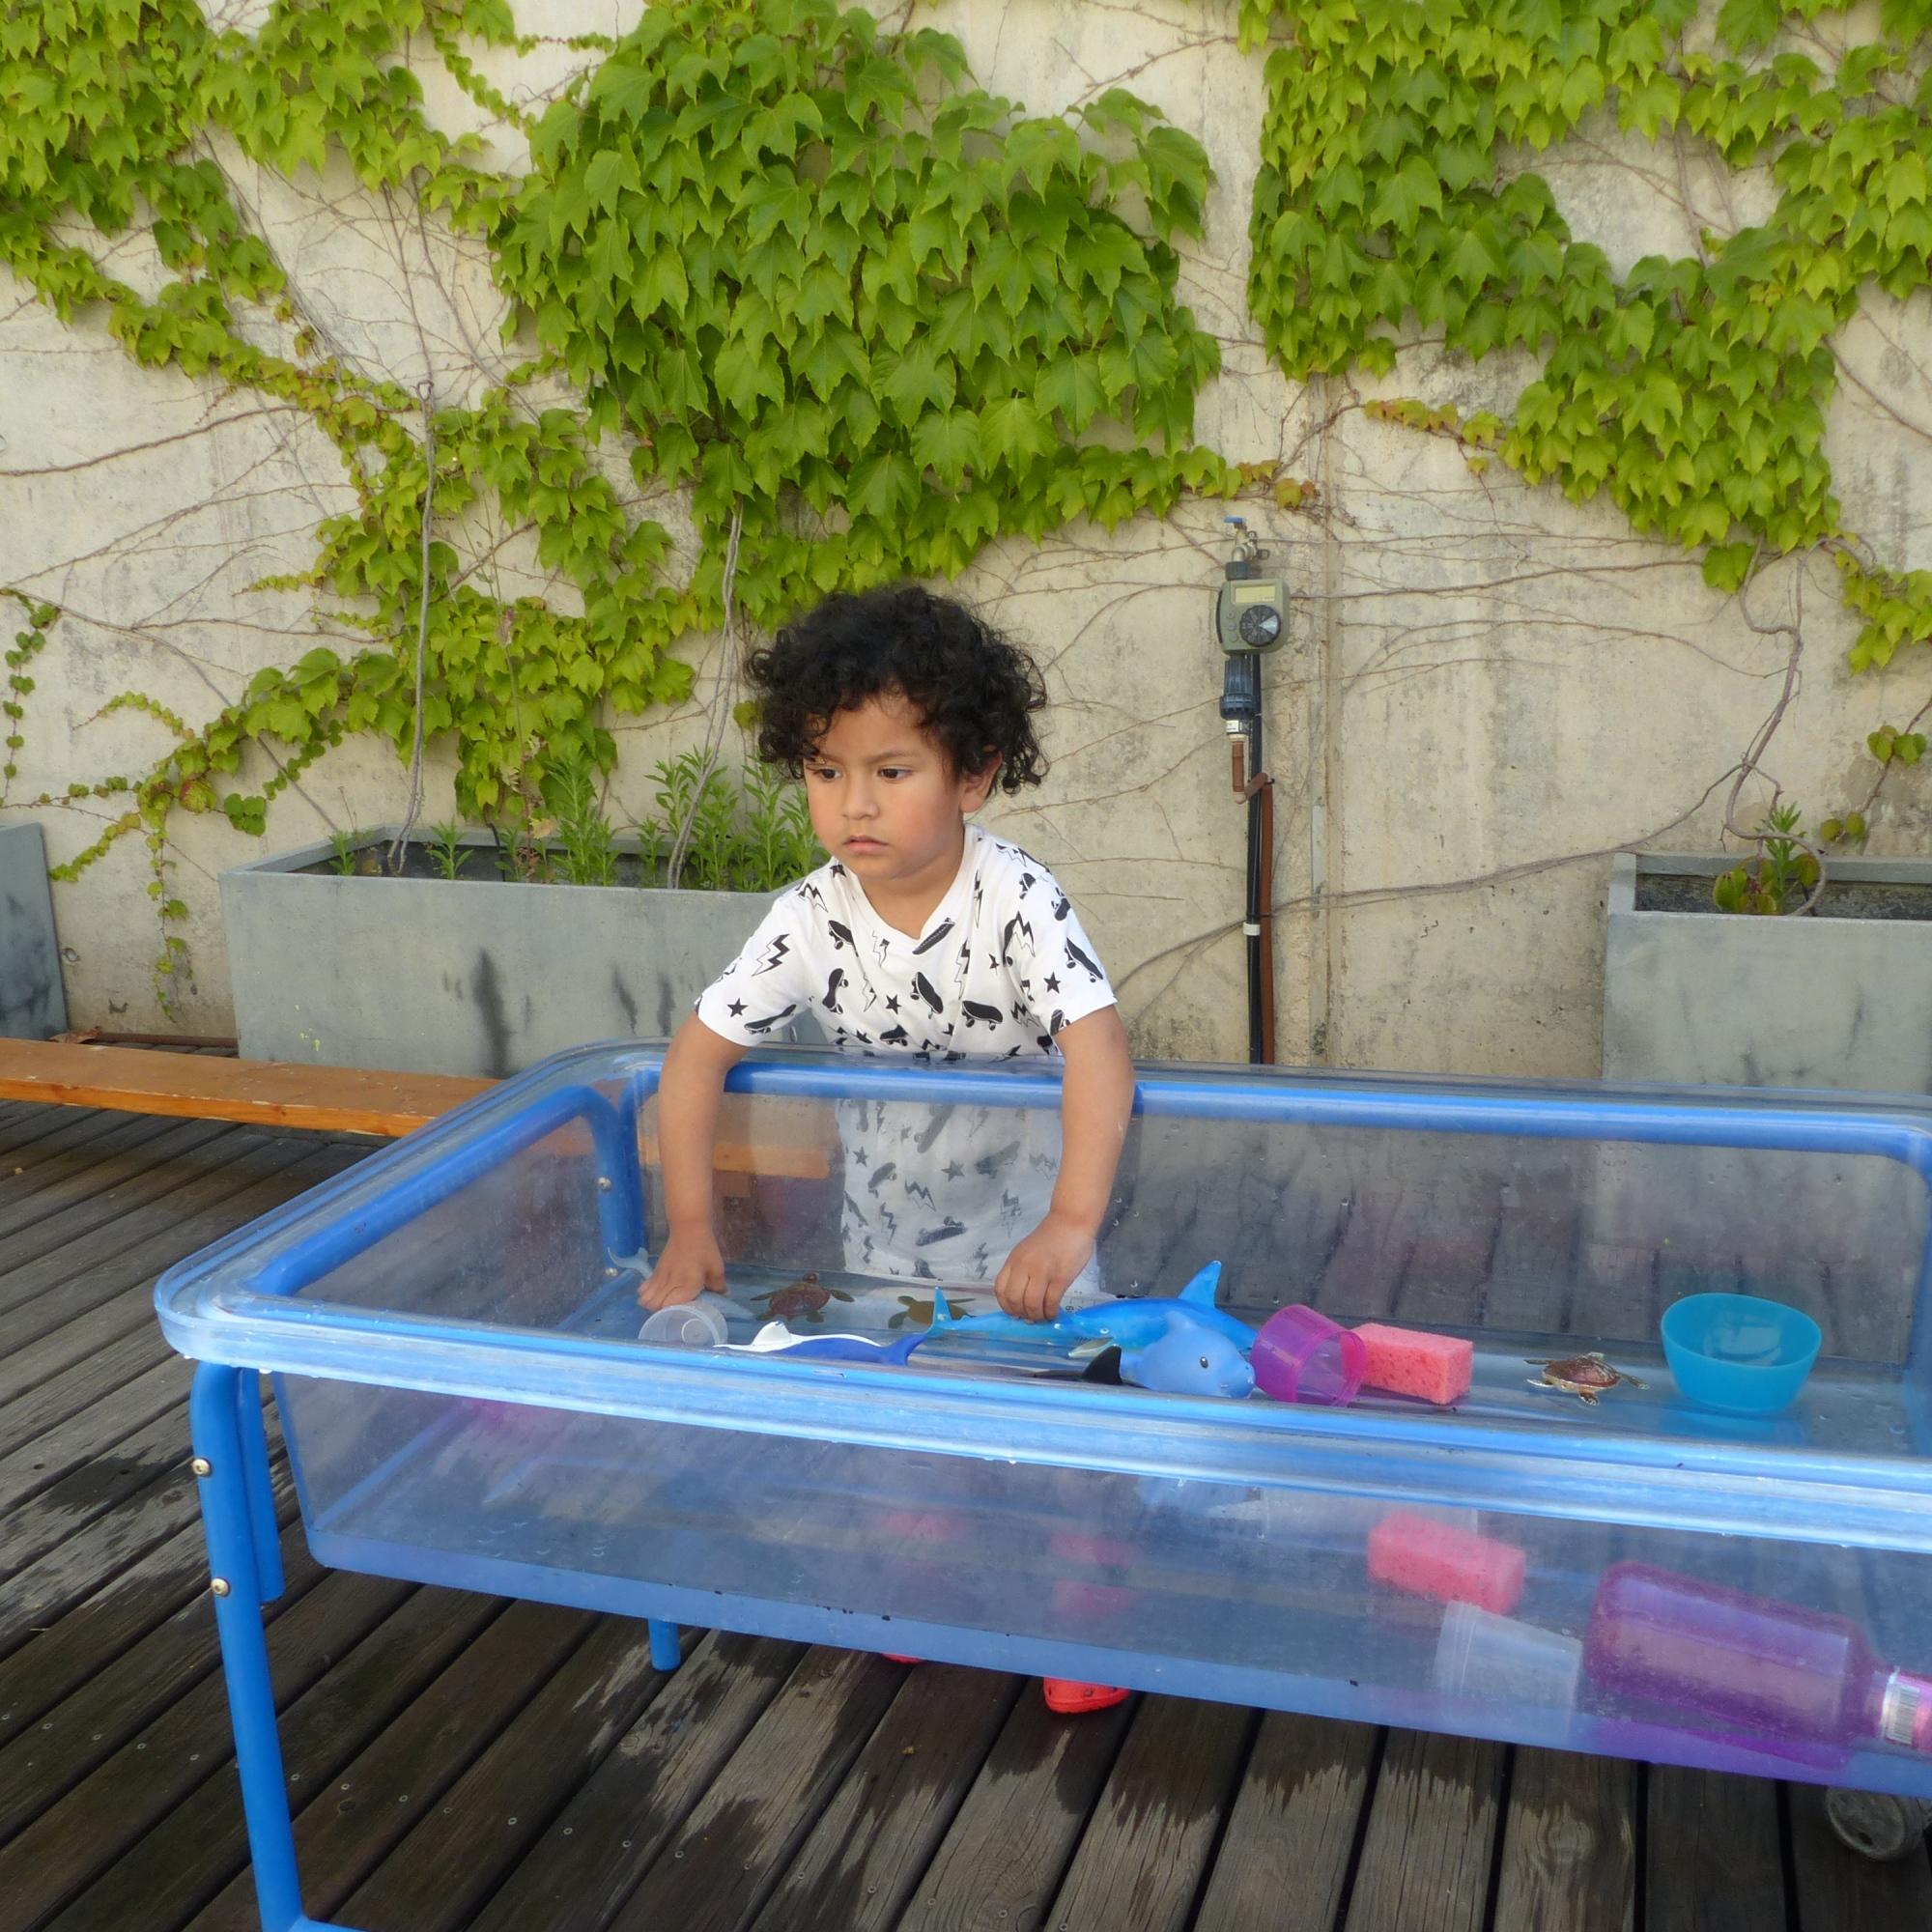 El Jorge juga amb aigua